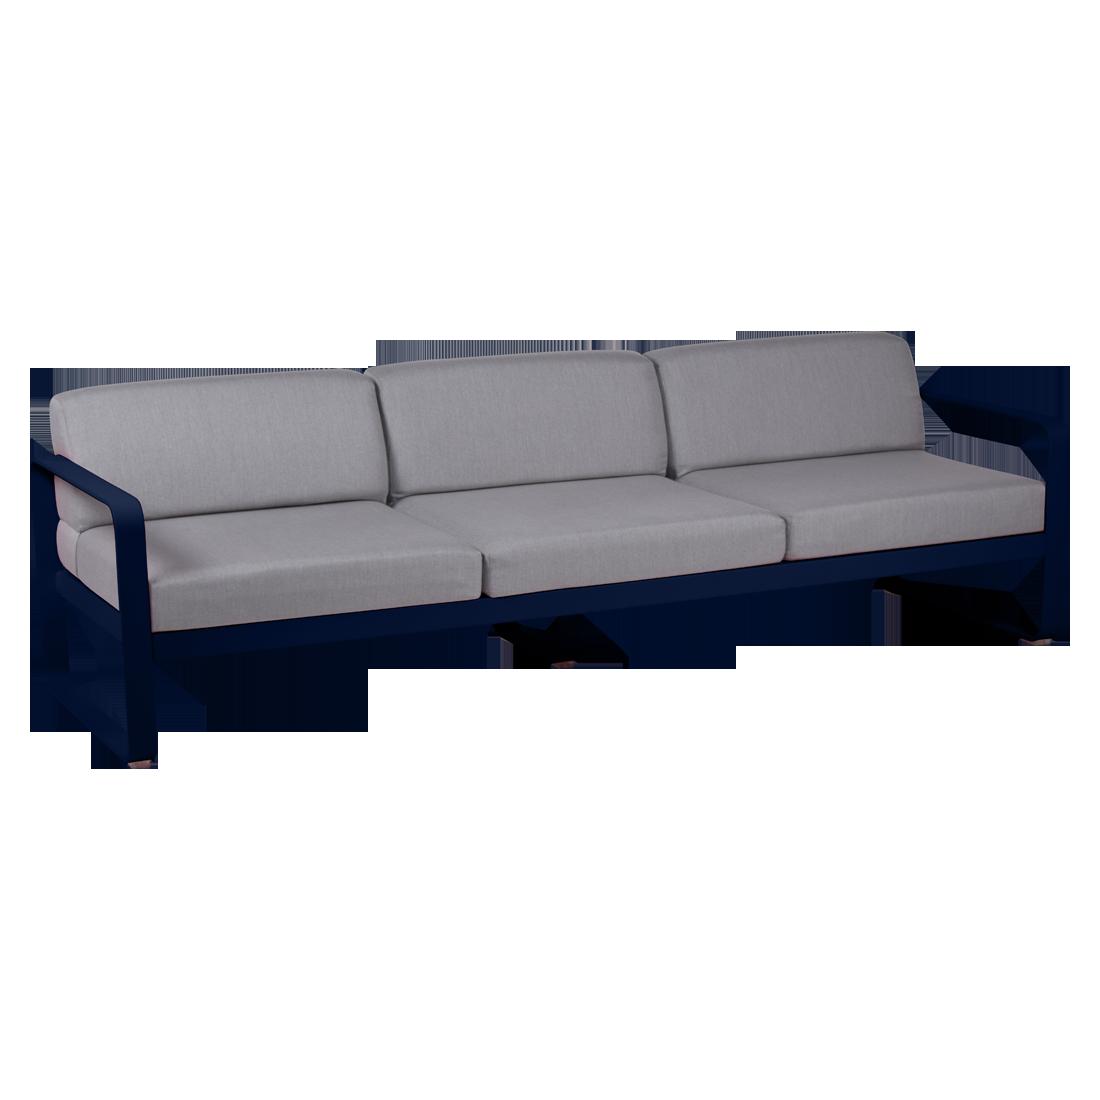 canape de jardin, canape d exterieur, canape fermob, canape metal, canape bleu nuit